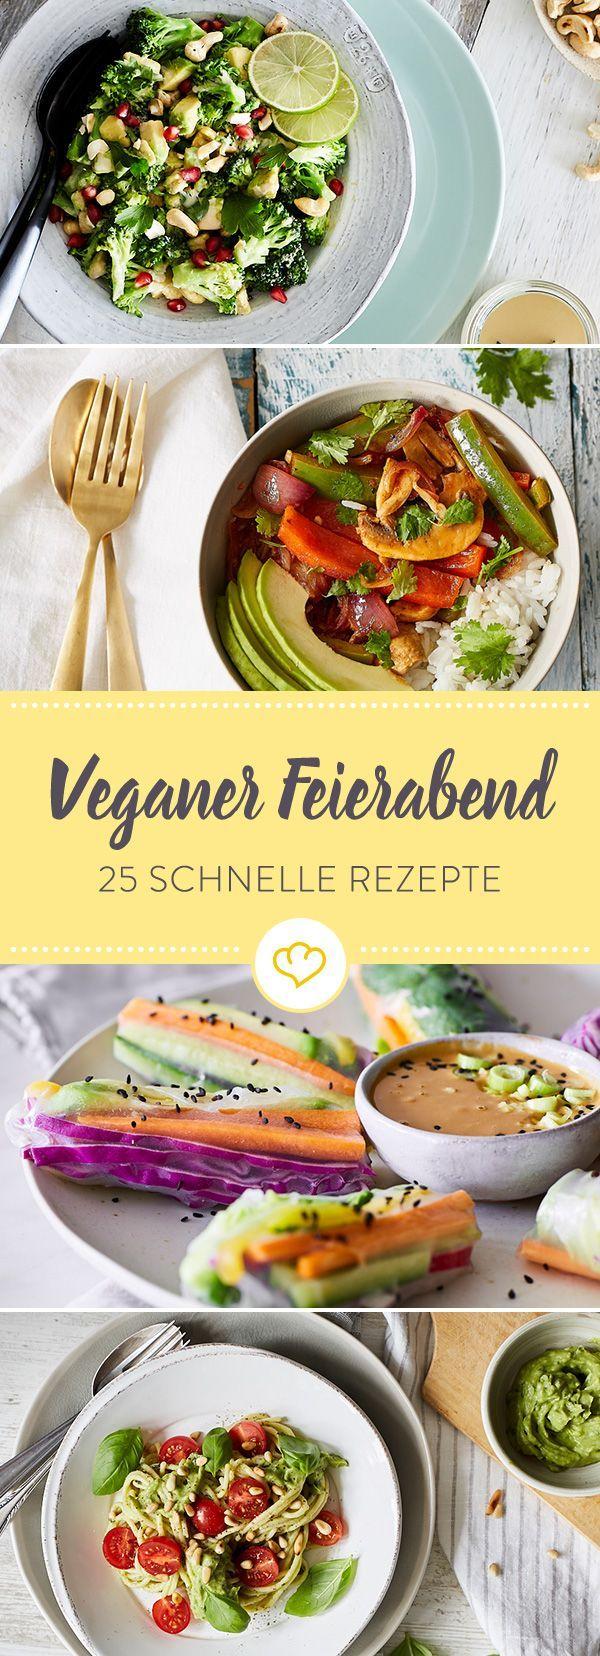 Vegane Ernährung kann so einfach sein! Lass dich inspirieren von 25 schnellen Rezepten, die in maximal 25 Minuten auf deinem Tisch stehen.